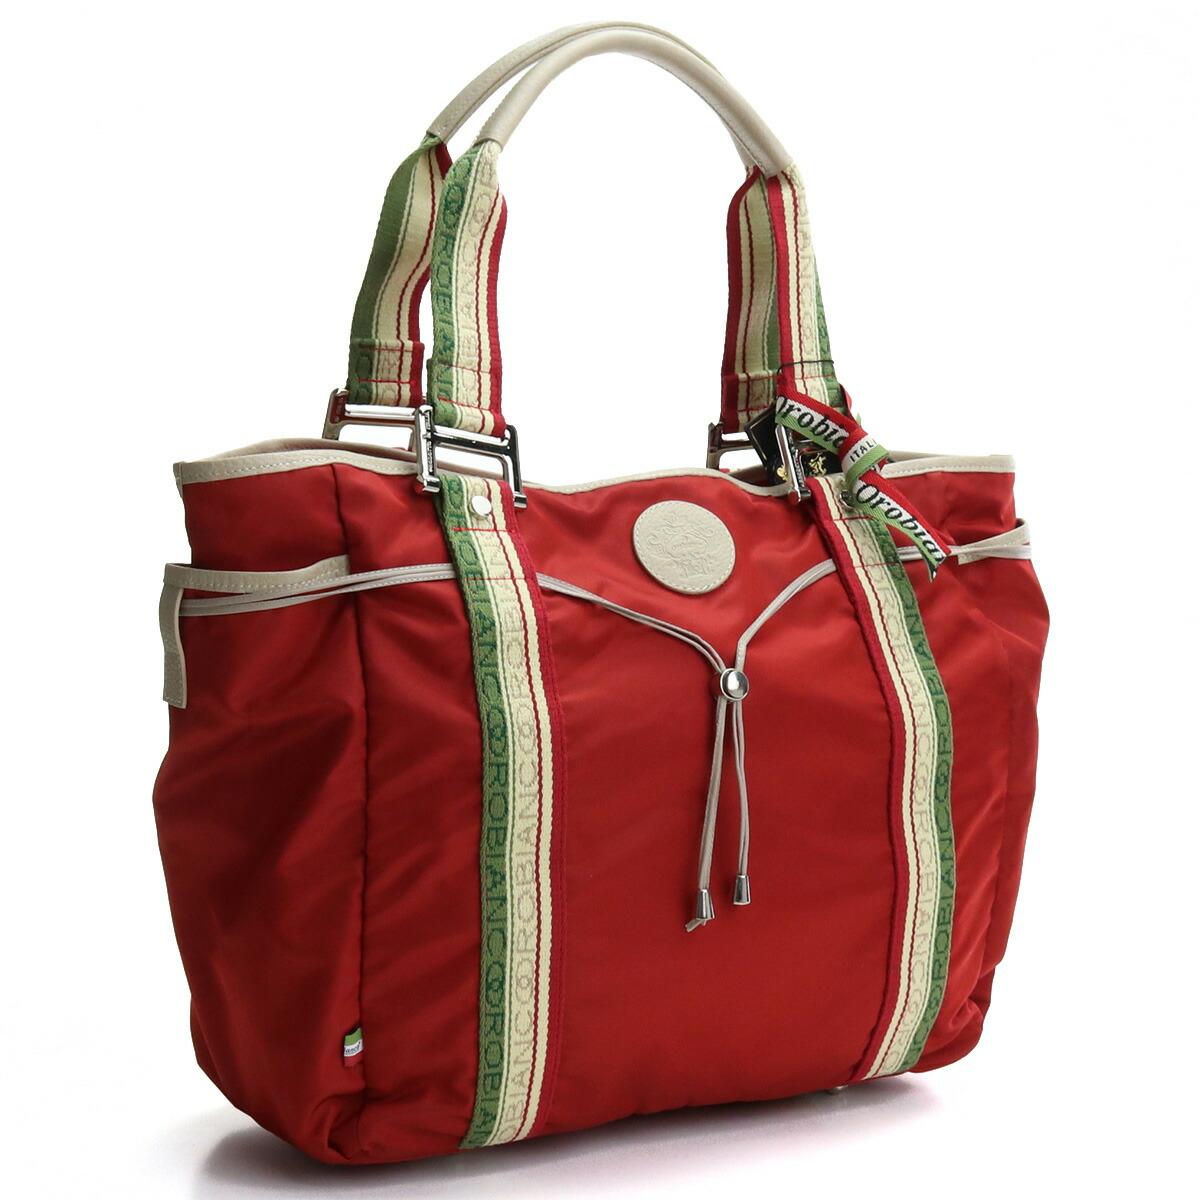 オロビアンコ OROBIANCO  トートバッグ ブランドバッグ ARCANA DA-A 03/08 ROSSO/DAINO レッド系 bag-01